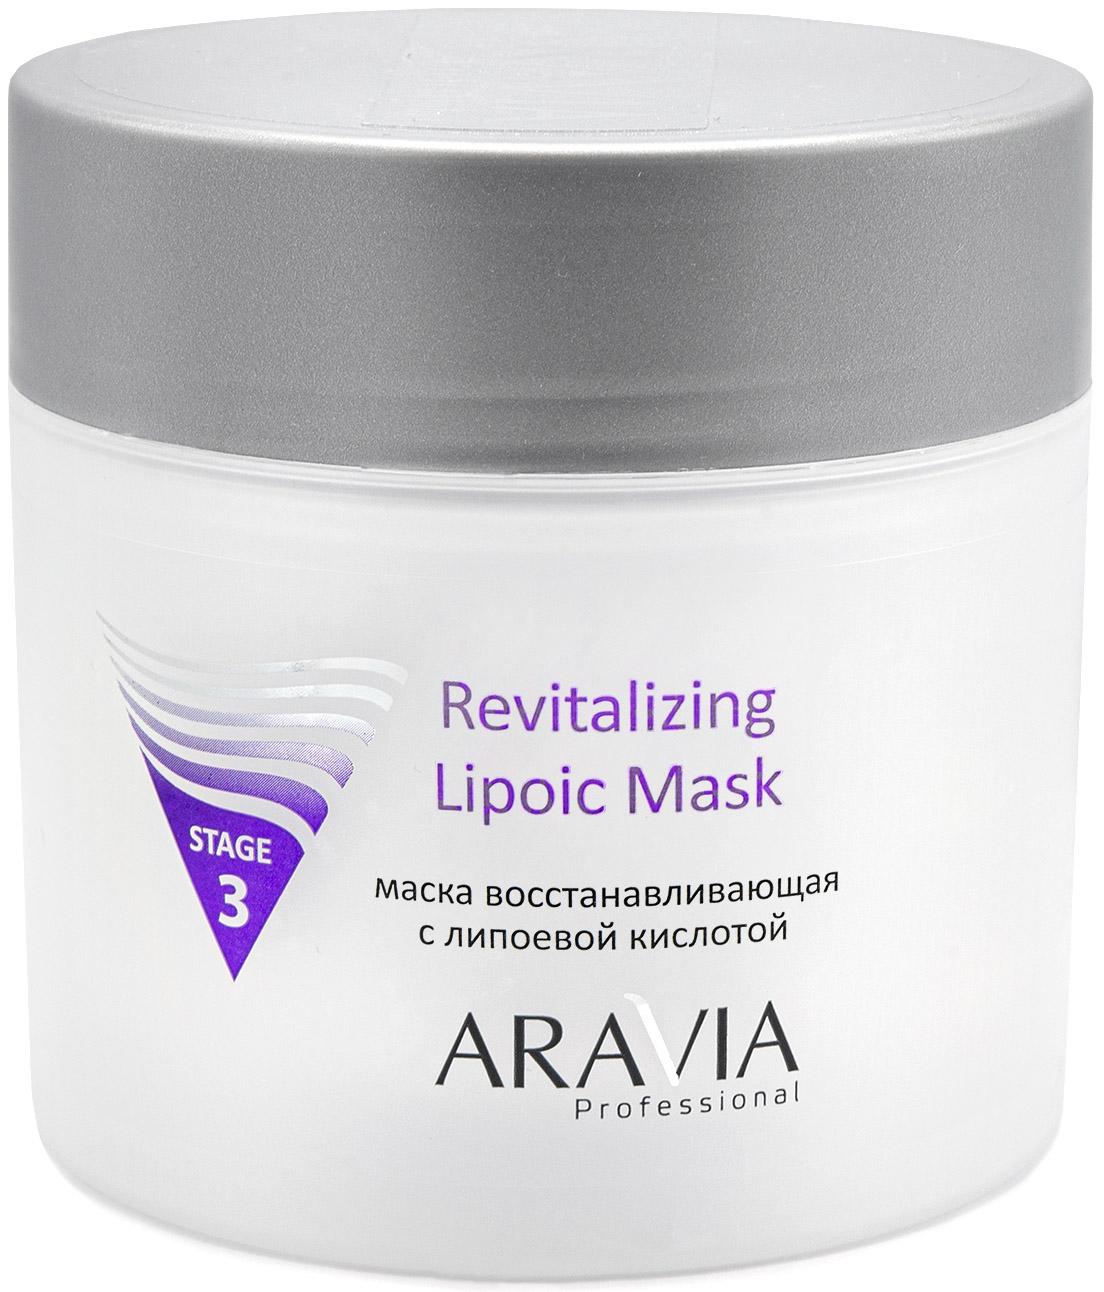 Купить Aravia Professional Маска восстанавливающая с липоевой кислотой Revitalizing Lipoic Mask, 300 мл (Aravia Professional, Уход за лицом), Россия